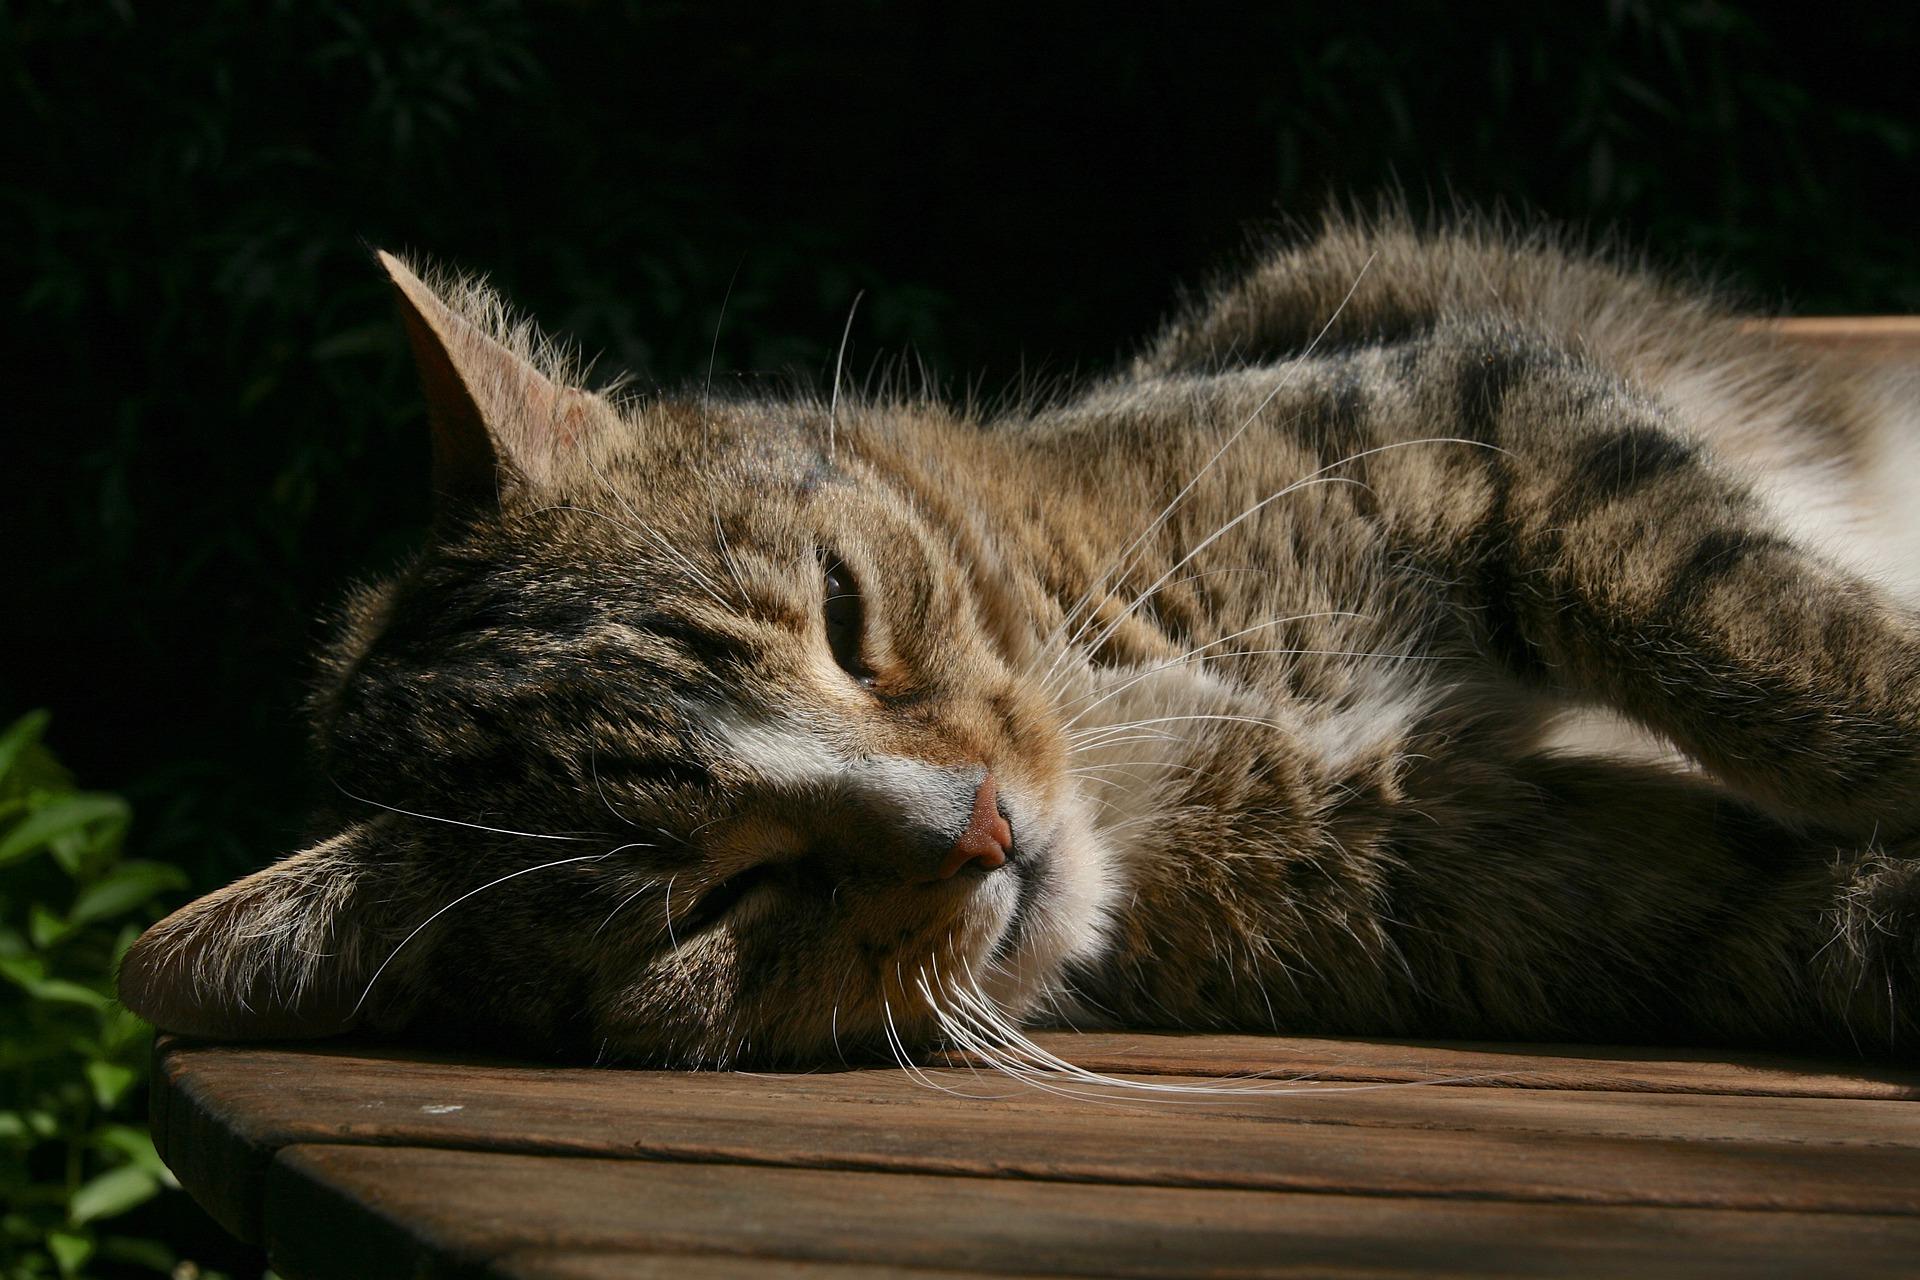 Si tu gato tiene problemas para respirar llévalo al veterinario